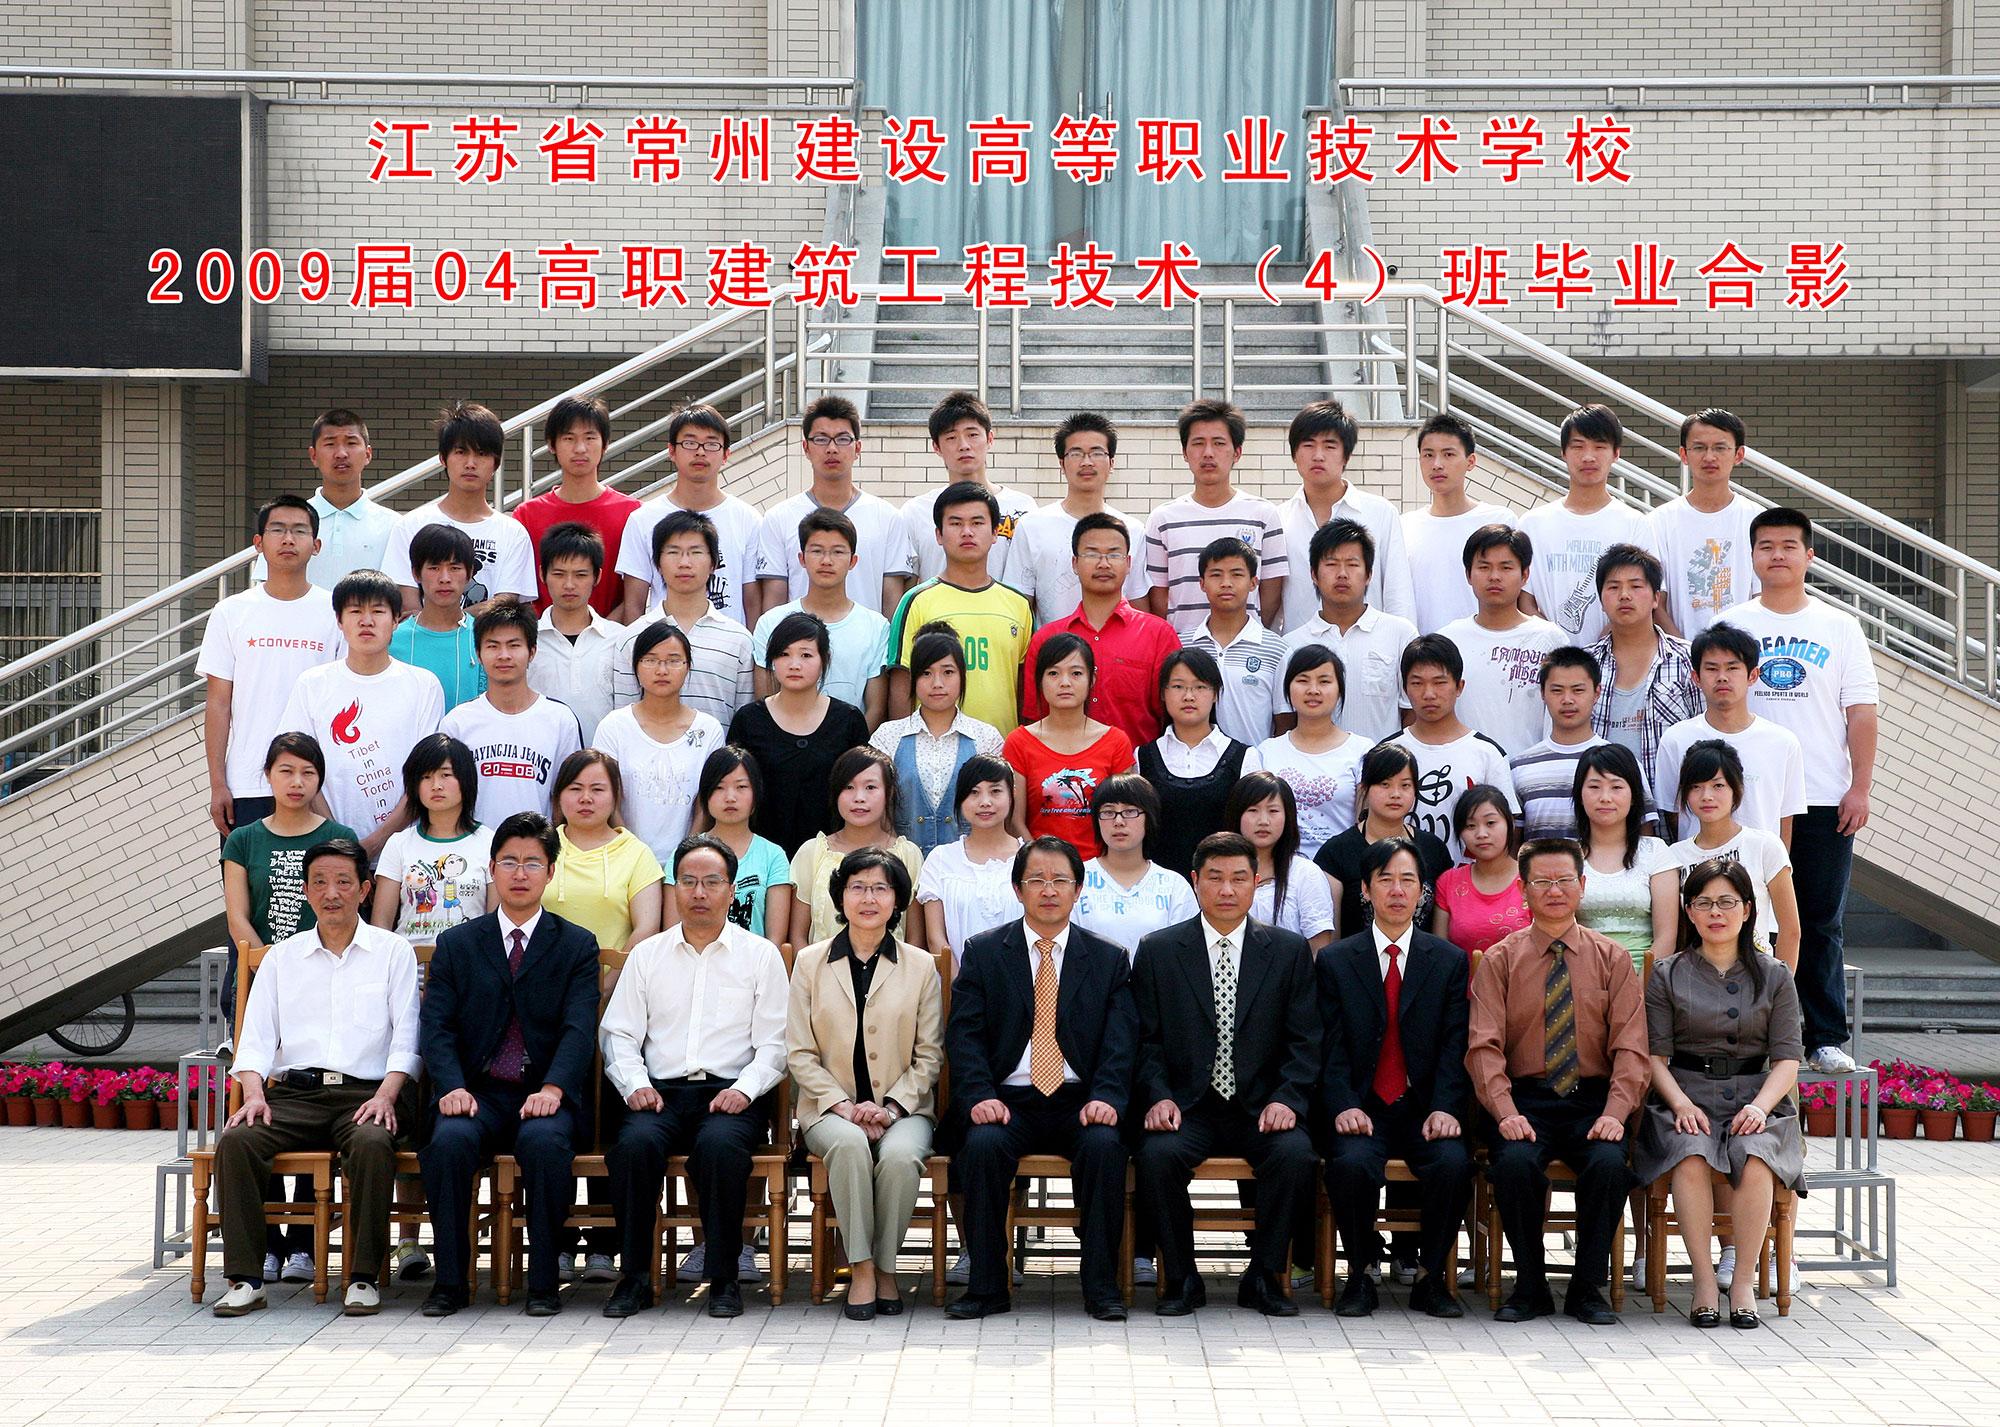 2009届04高职建筑工程技术(4)班...